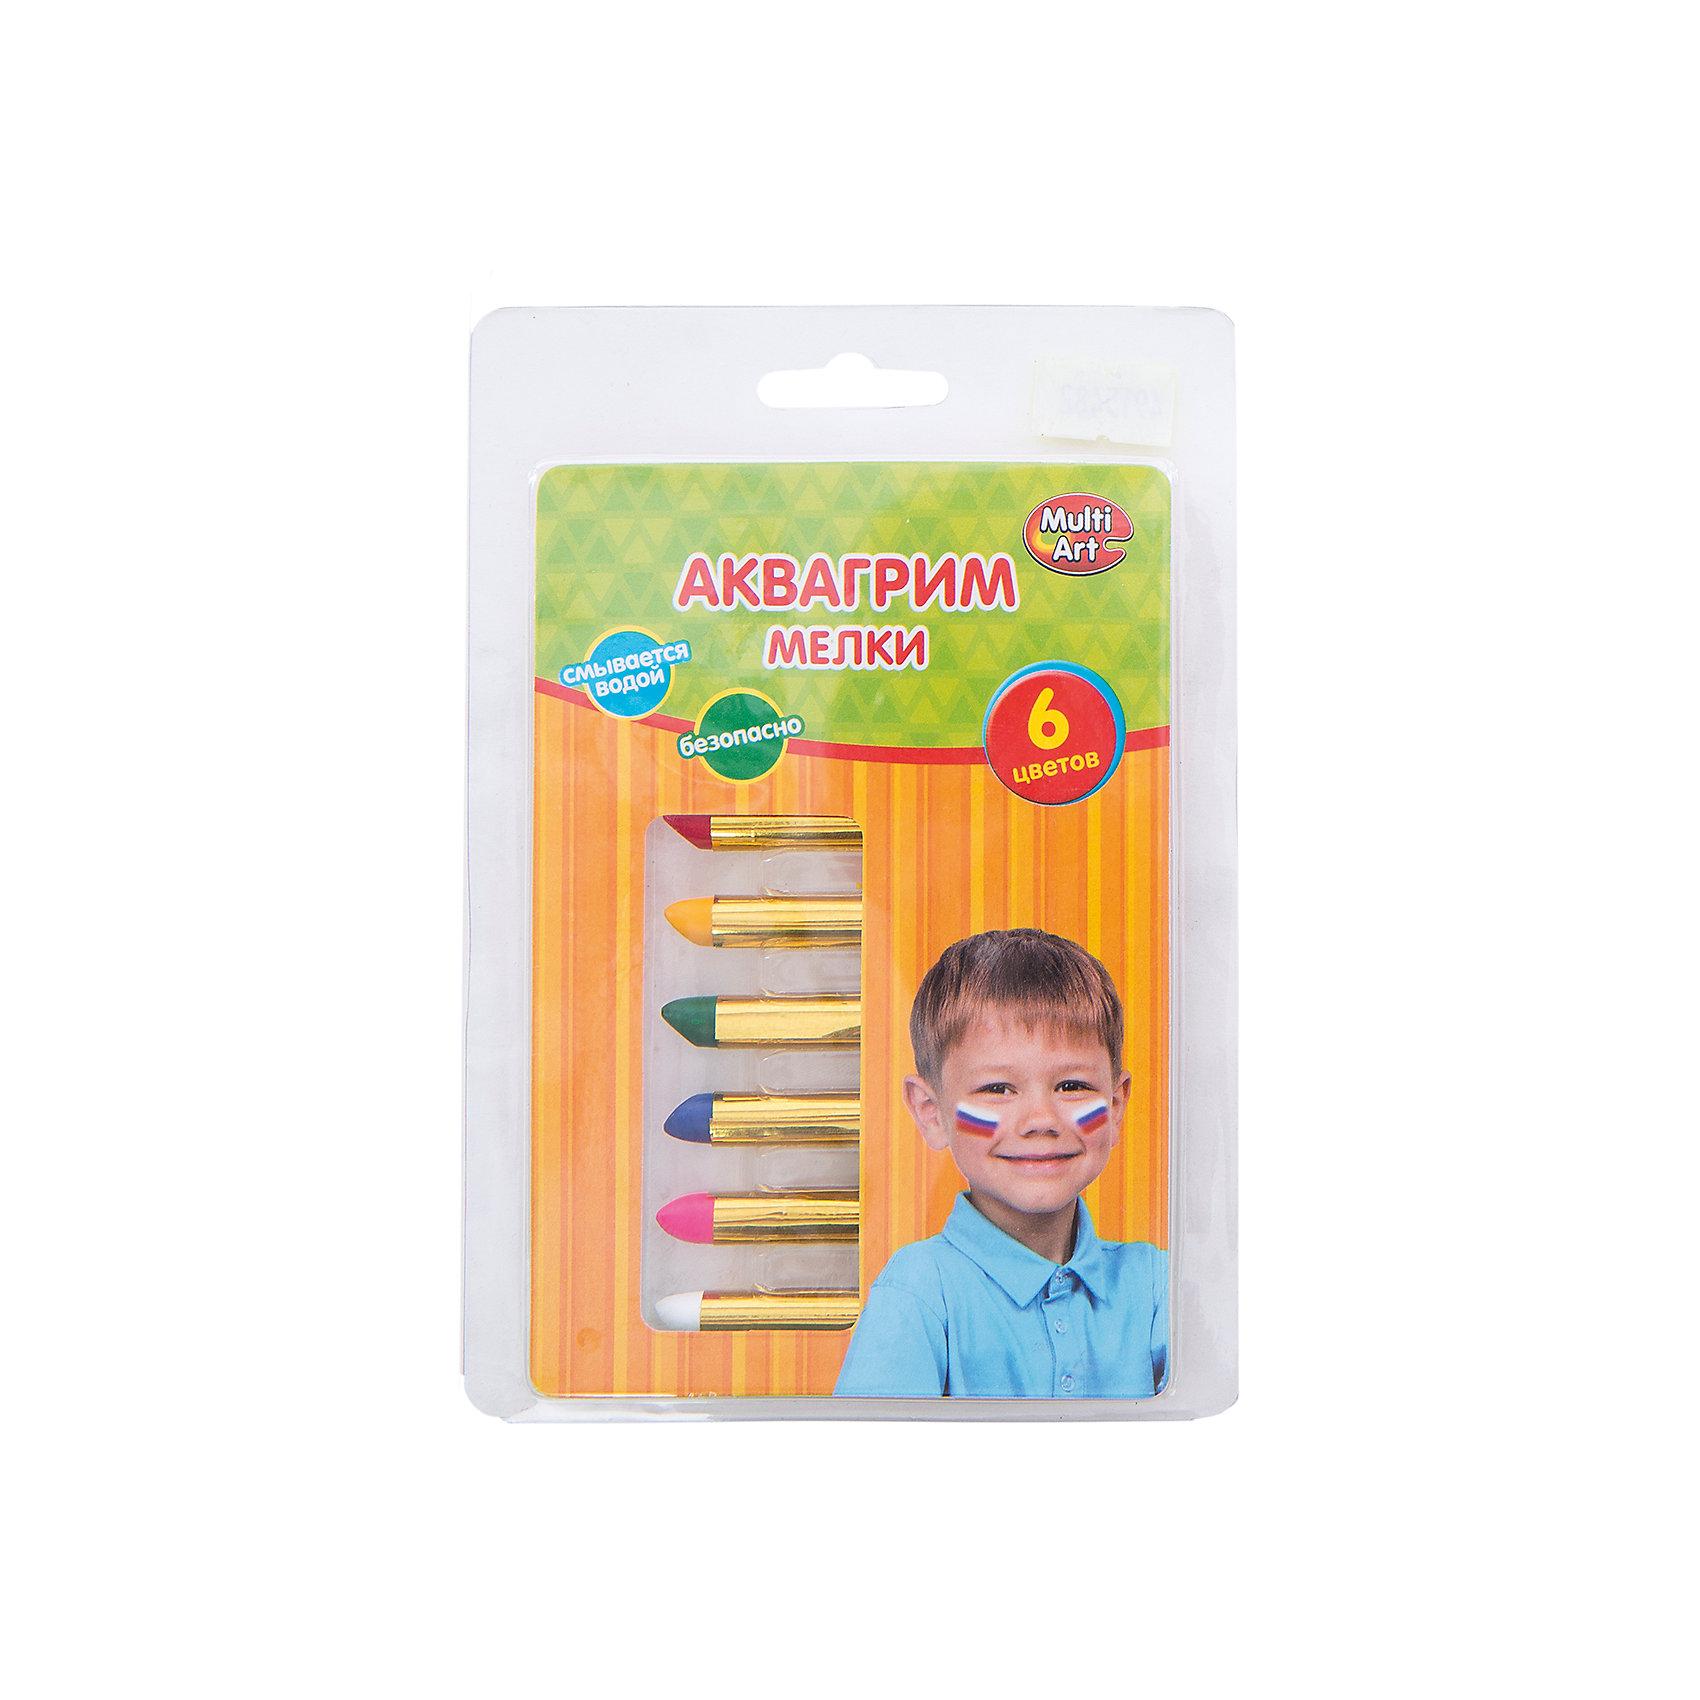 Мелки для аквагрима, 6 цветовНабор мелков для аквагрима поможет ребенку создать образ, максимально приближенный к героям любимого мультсериала Тачки. Мелки абсолютно безопасны для кожи, легко наносятся и смываются. Яркий грим отлично подойдет для хорошего настроения и фантазии ребенка!<br>Дополнительная информация:<br>-в наборе: 6 мелков(синий, розовый, белый, красный, желтый, зеленый)<br>-вес: 50 грамм<br>-размер упаковки: 17х11х2 см<br>Мелки для аквагрима  вы можете приобрести в нашем интернет-магазине.<br><br>Ширина мм: 20<br>Глубина мм: 110<br>Высота мм: 170<br>Вес г: 50<br>Возраст от месяцев: 36<br>Возраст до месяцев: 84<br>Пол: Унисекс<br>Возраст: Детский<br>SKU: 4915482